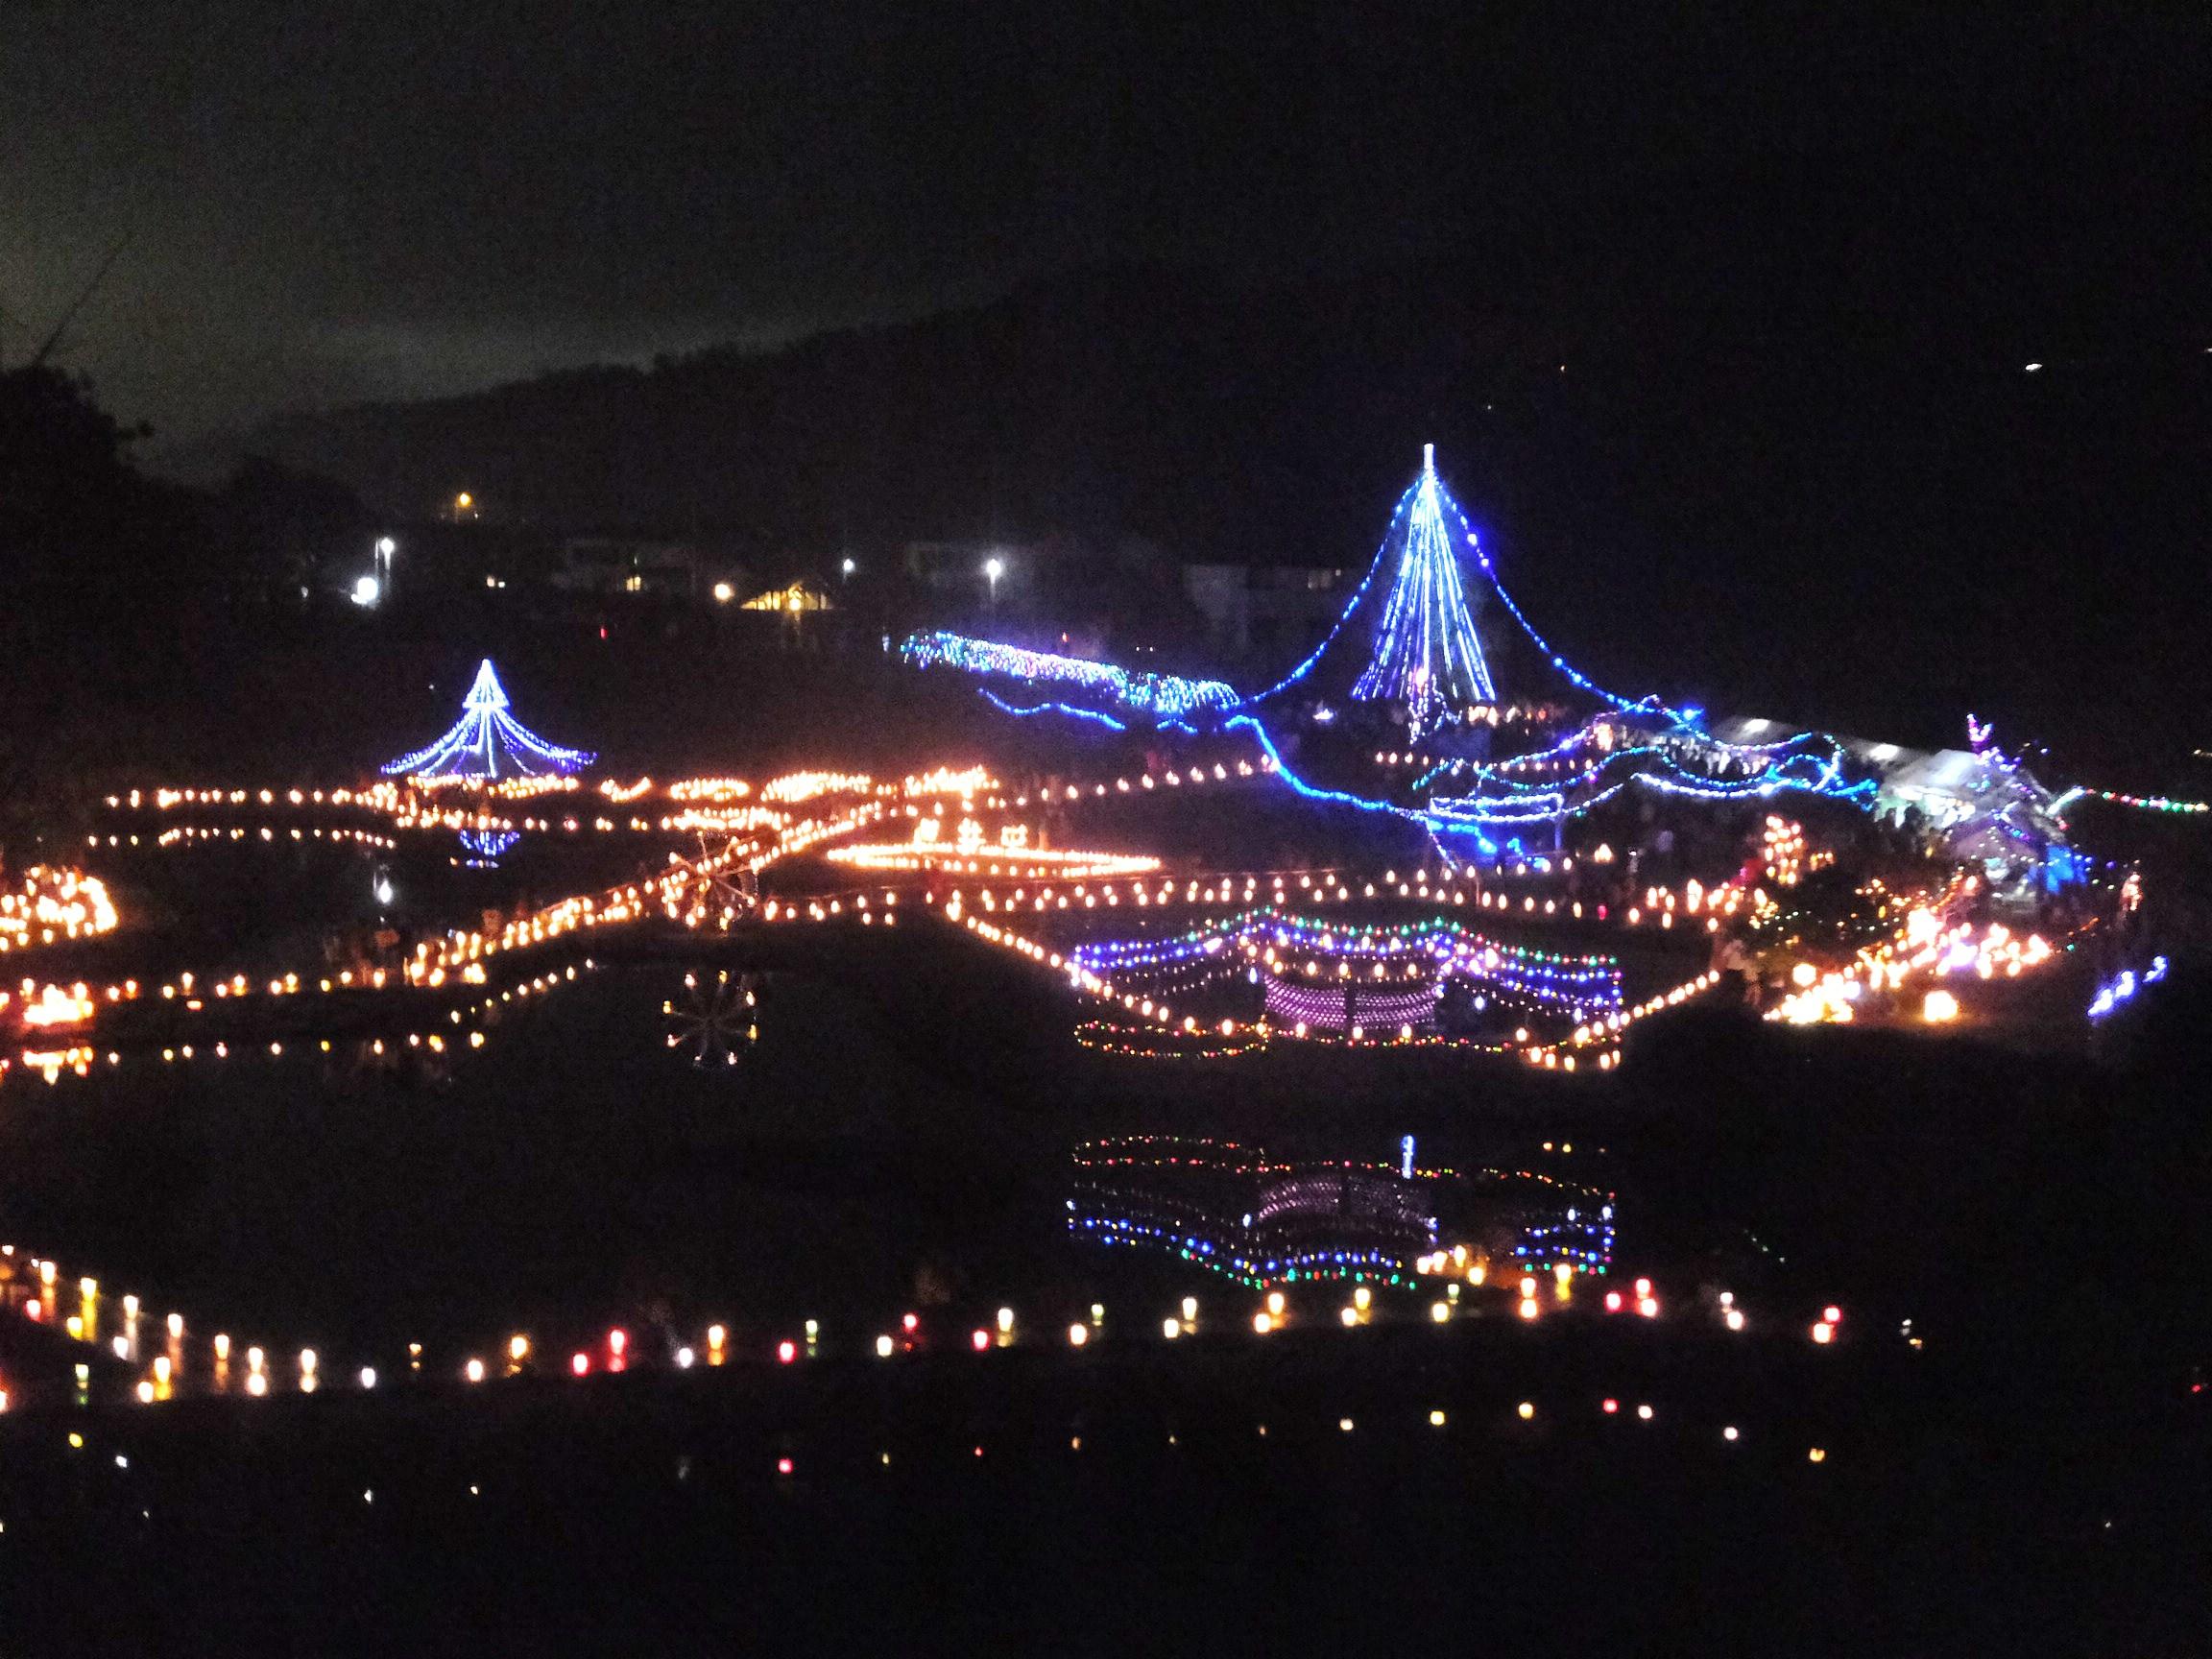 中井町『あかりの祭典』いよいよ明日開催です!